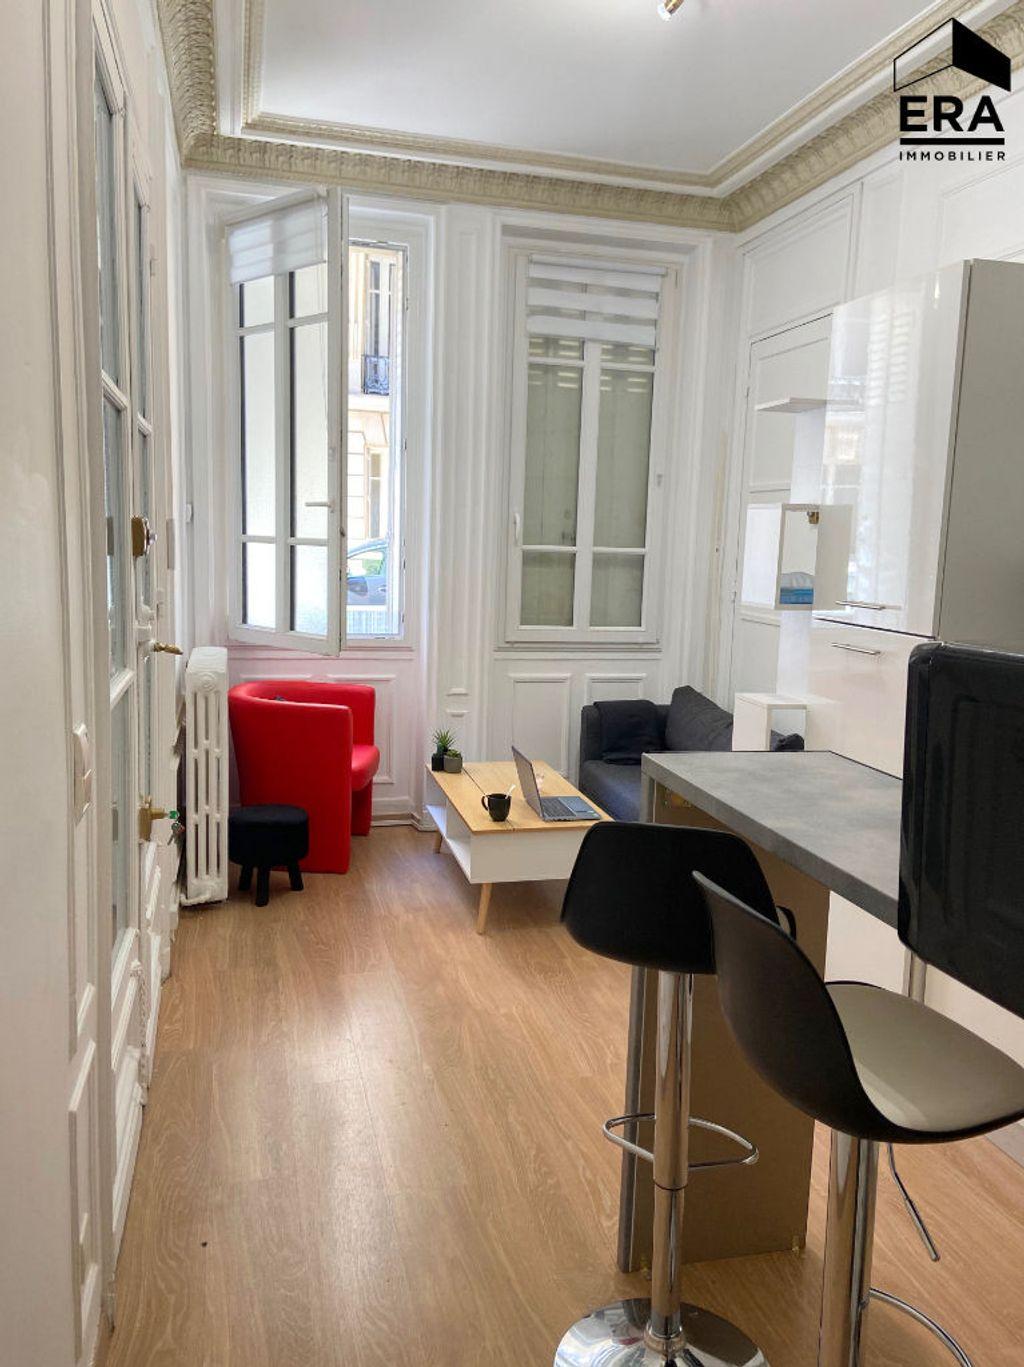 Achat appartement 2pièces 24m² - Paris 16ème arrondissement